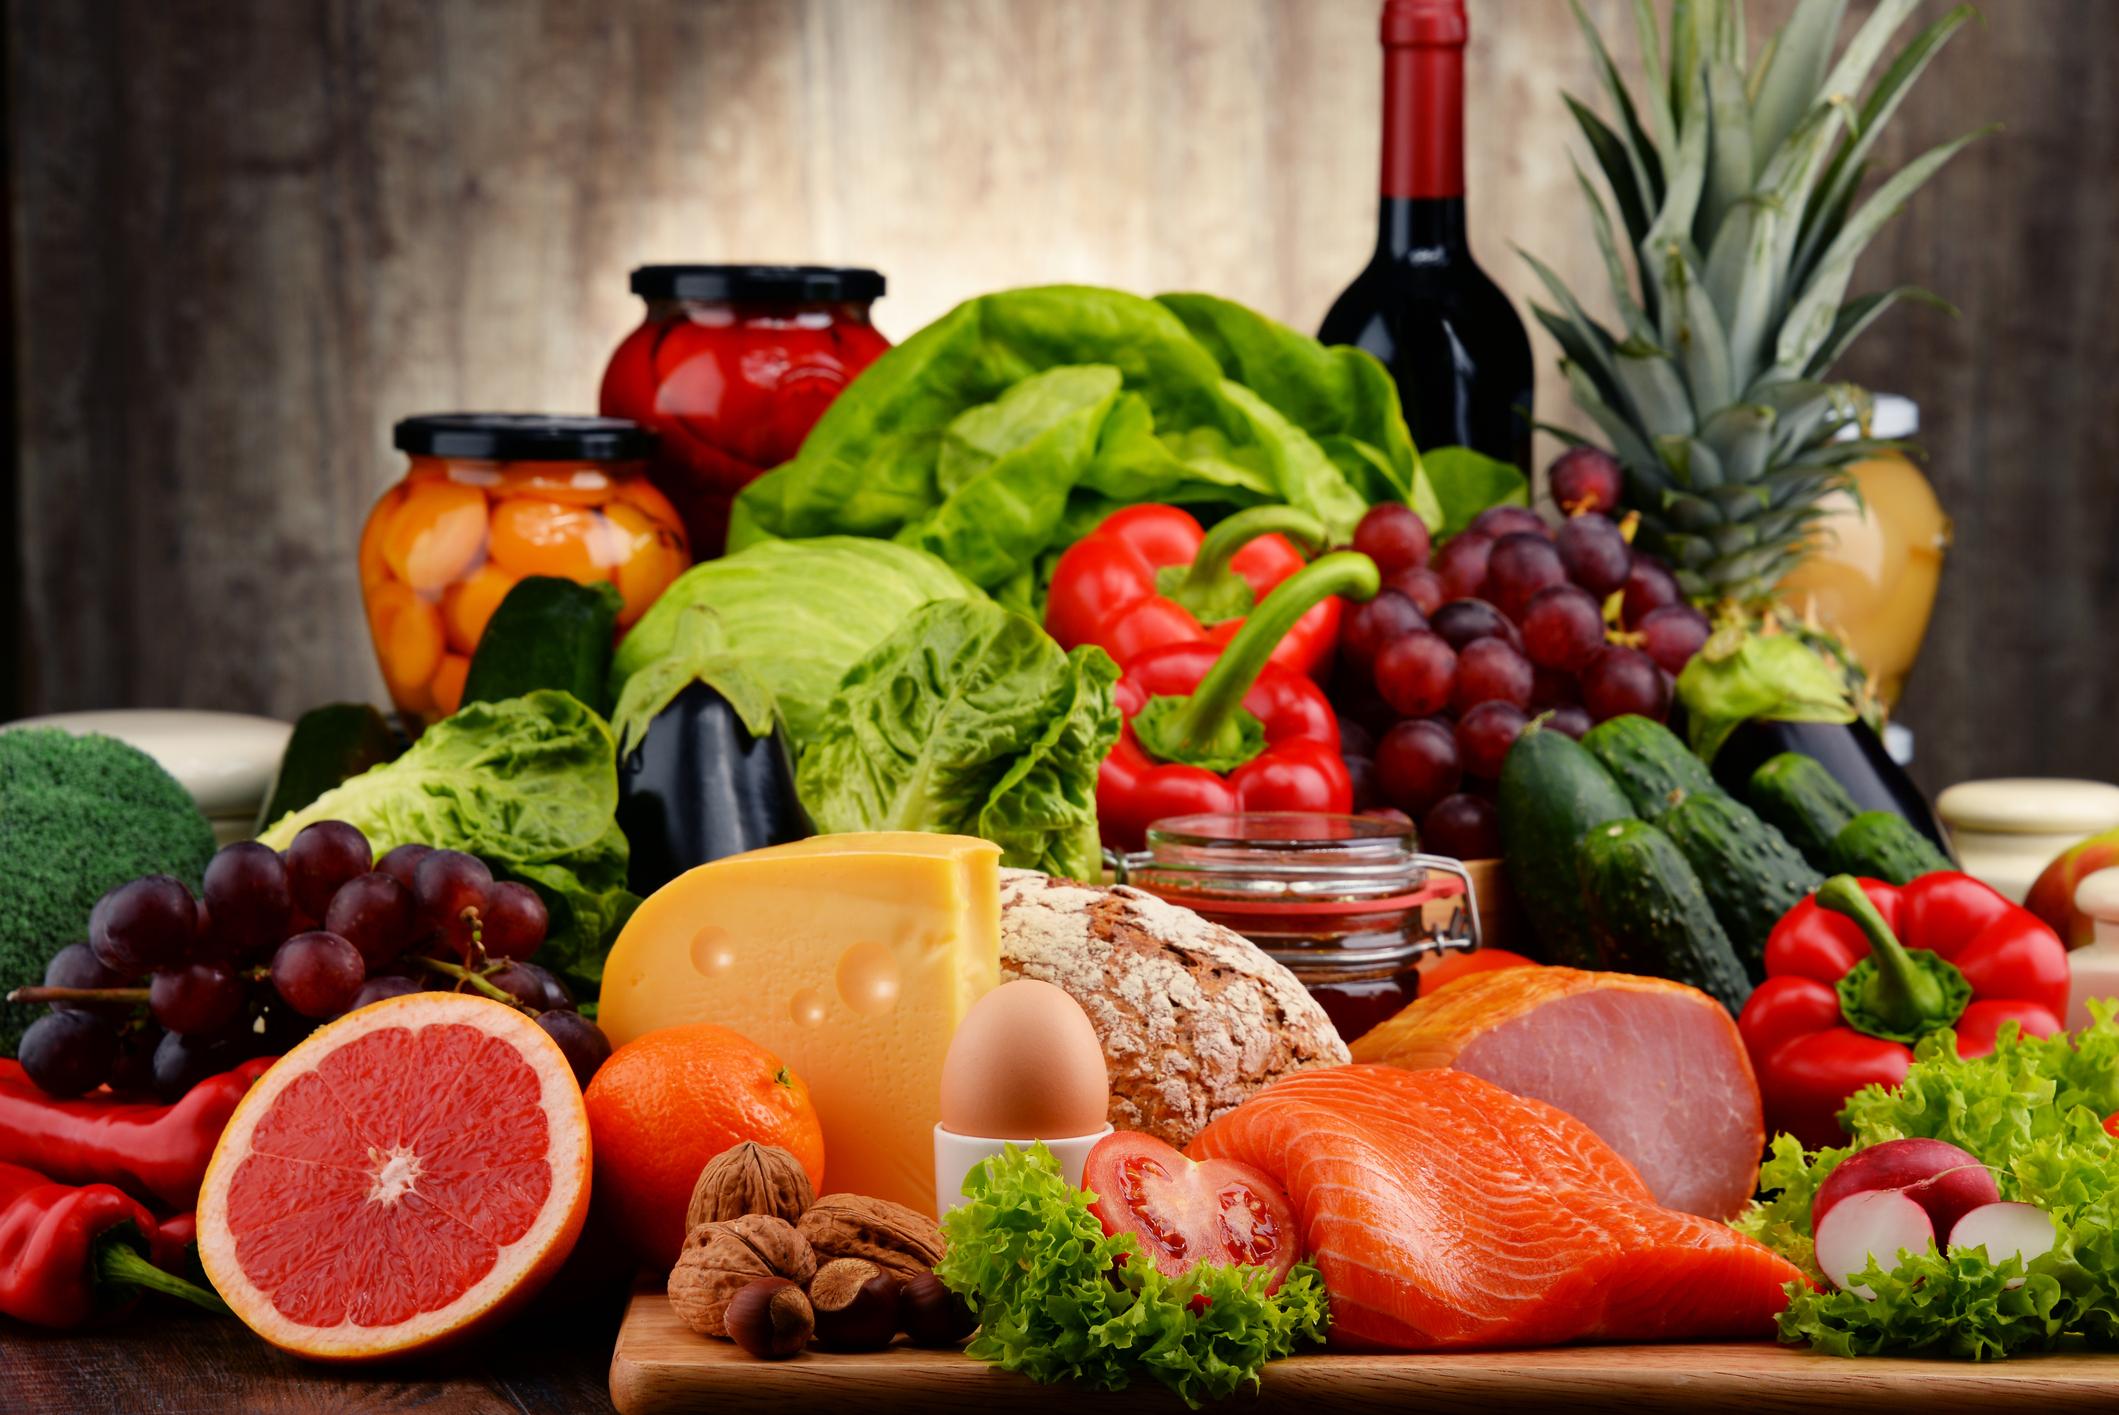 Cơ quan nào cấp Giấy xác nhận kiến thức về ATTP cho cơ sở sản xuất, kinh doanh thực phẩm nông, lâm, thủy sản?